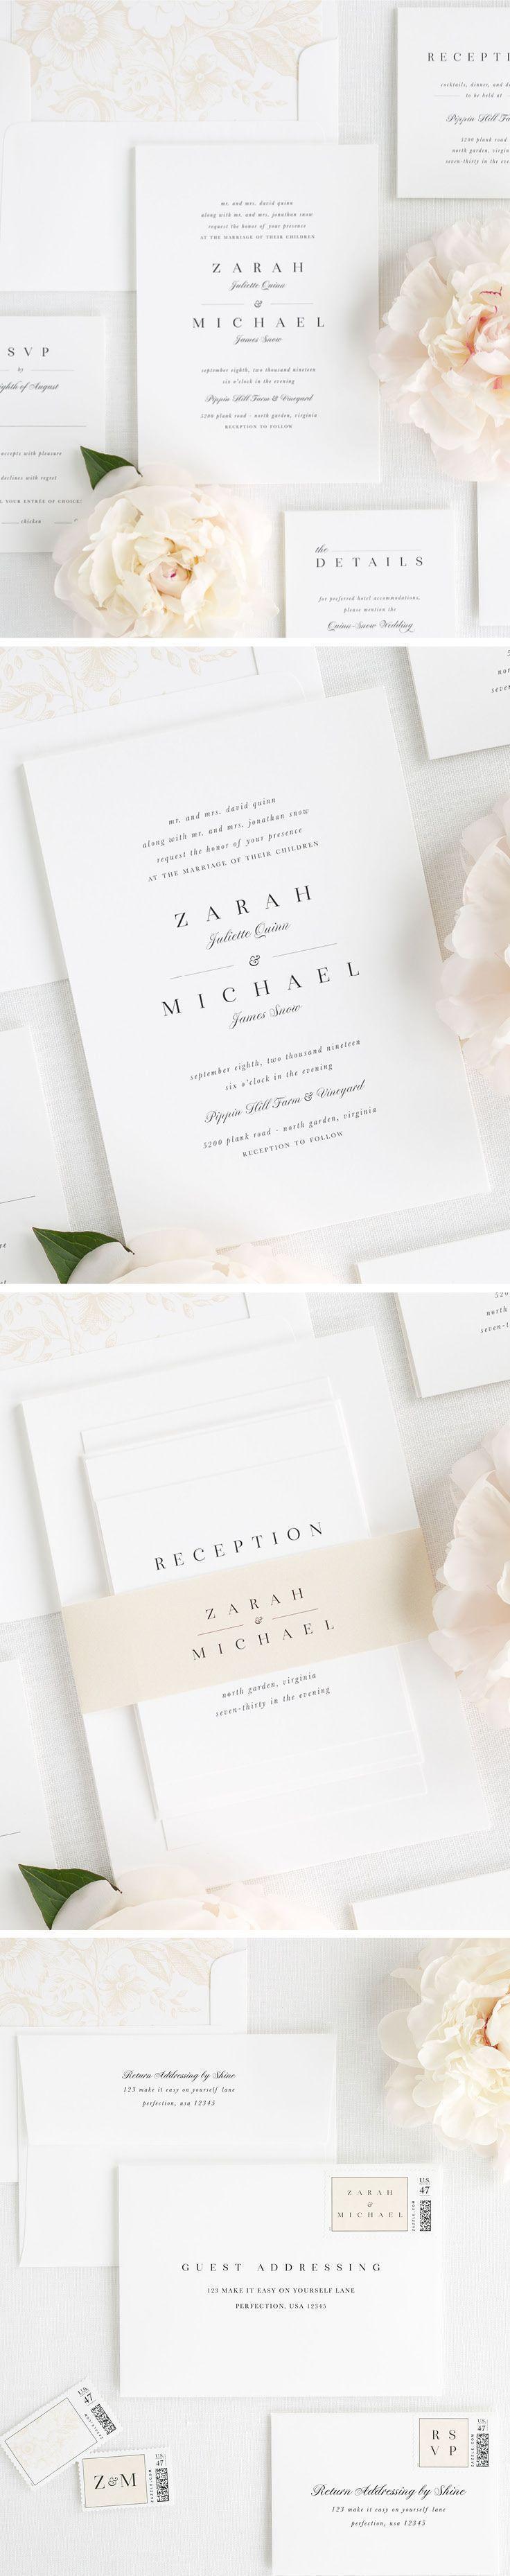 58 best invitations images on pinterest invitations invitation